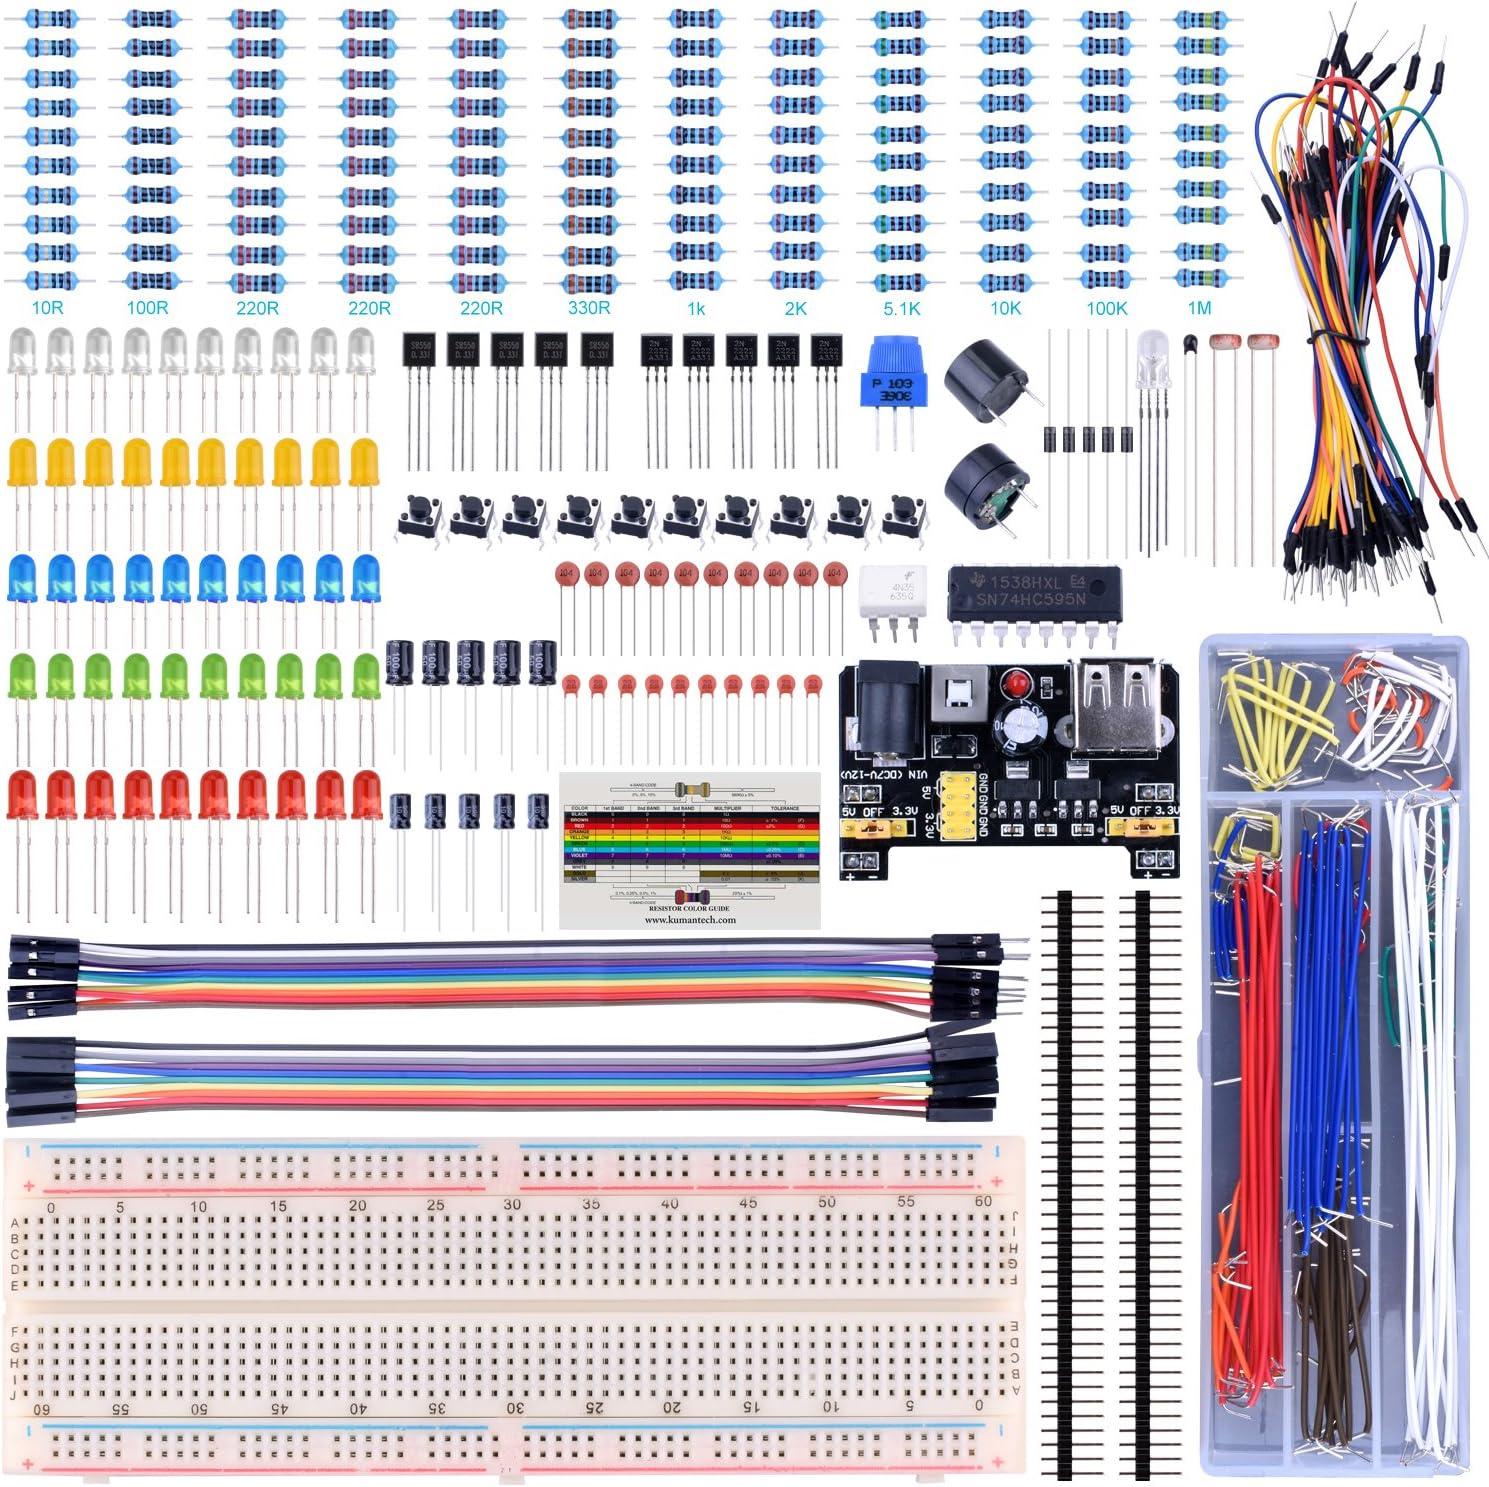 UNIROI Kit de Iniciación Compatible con ArduiIDE Básico con Tutorial (UA001)